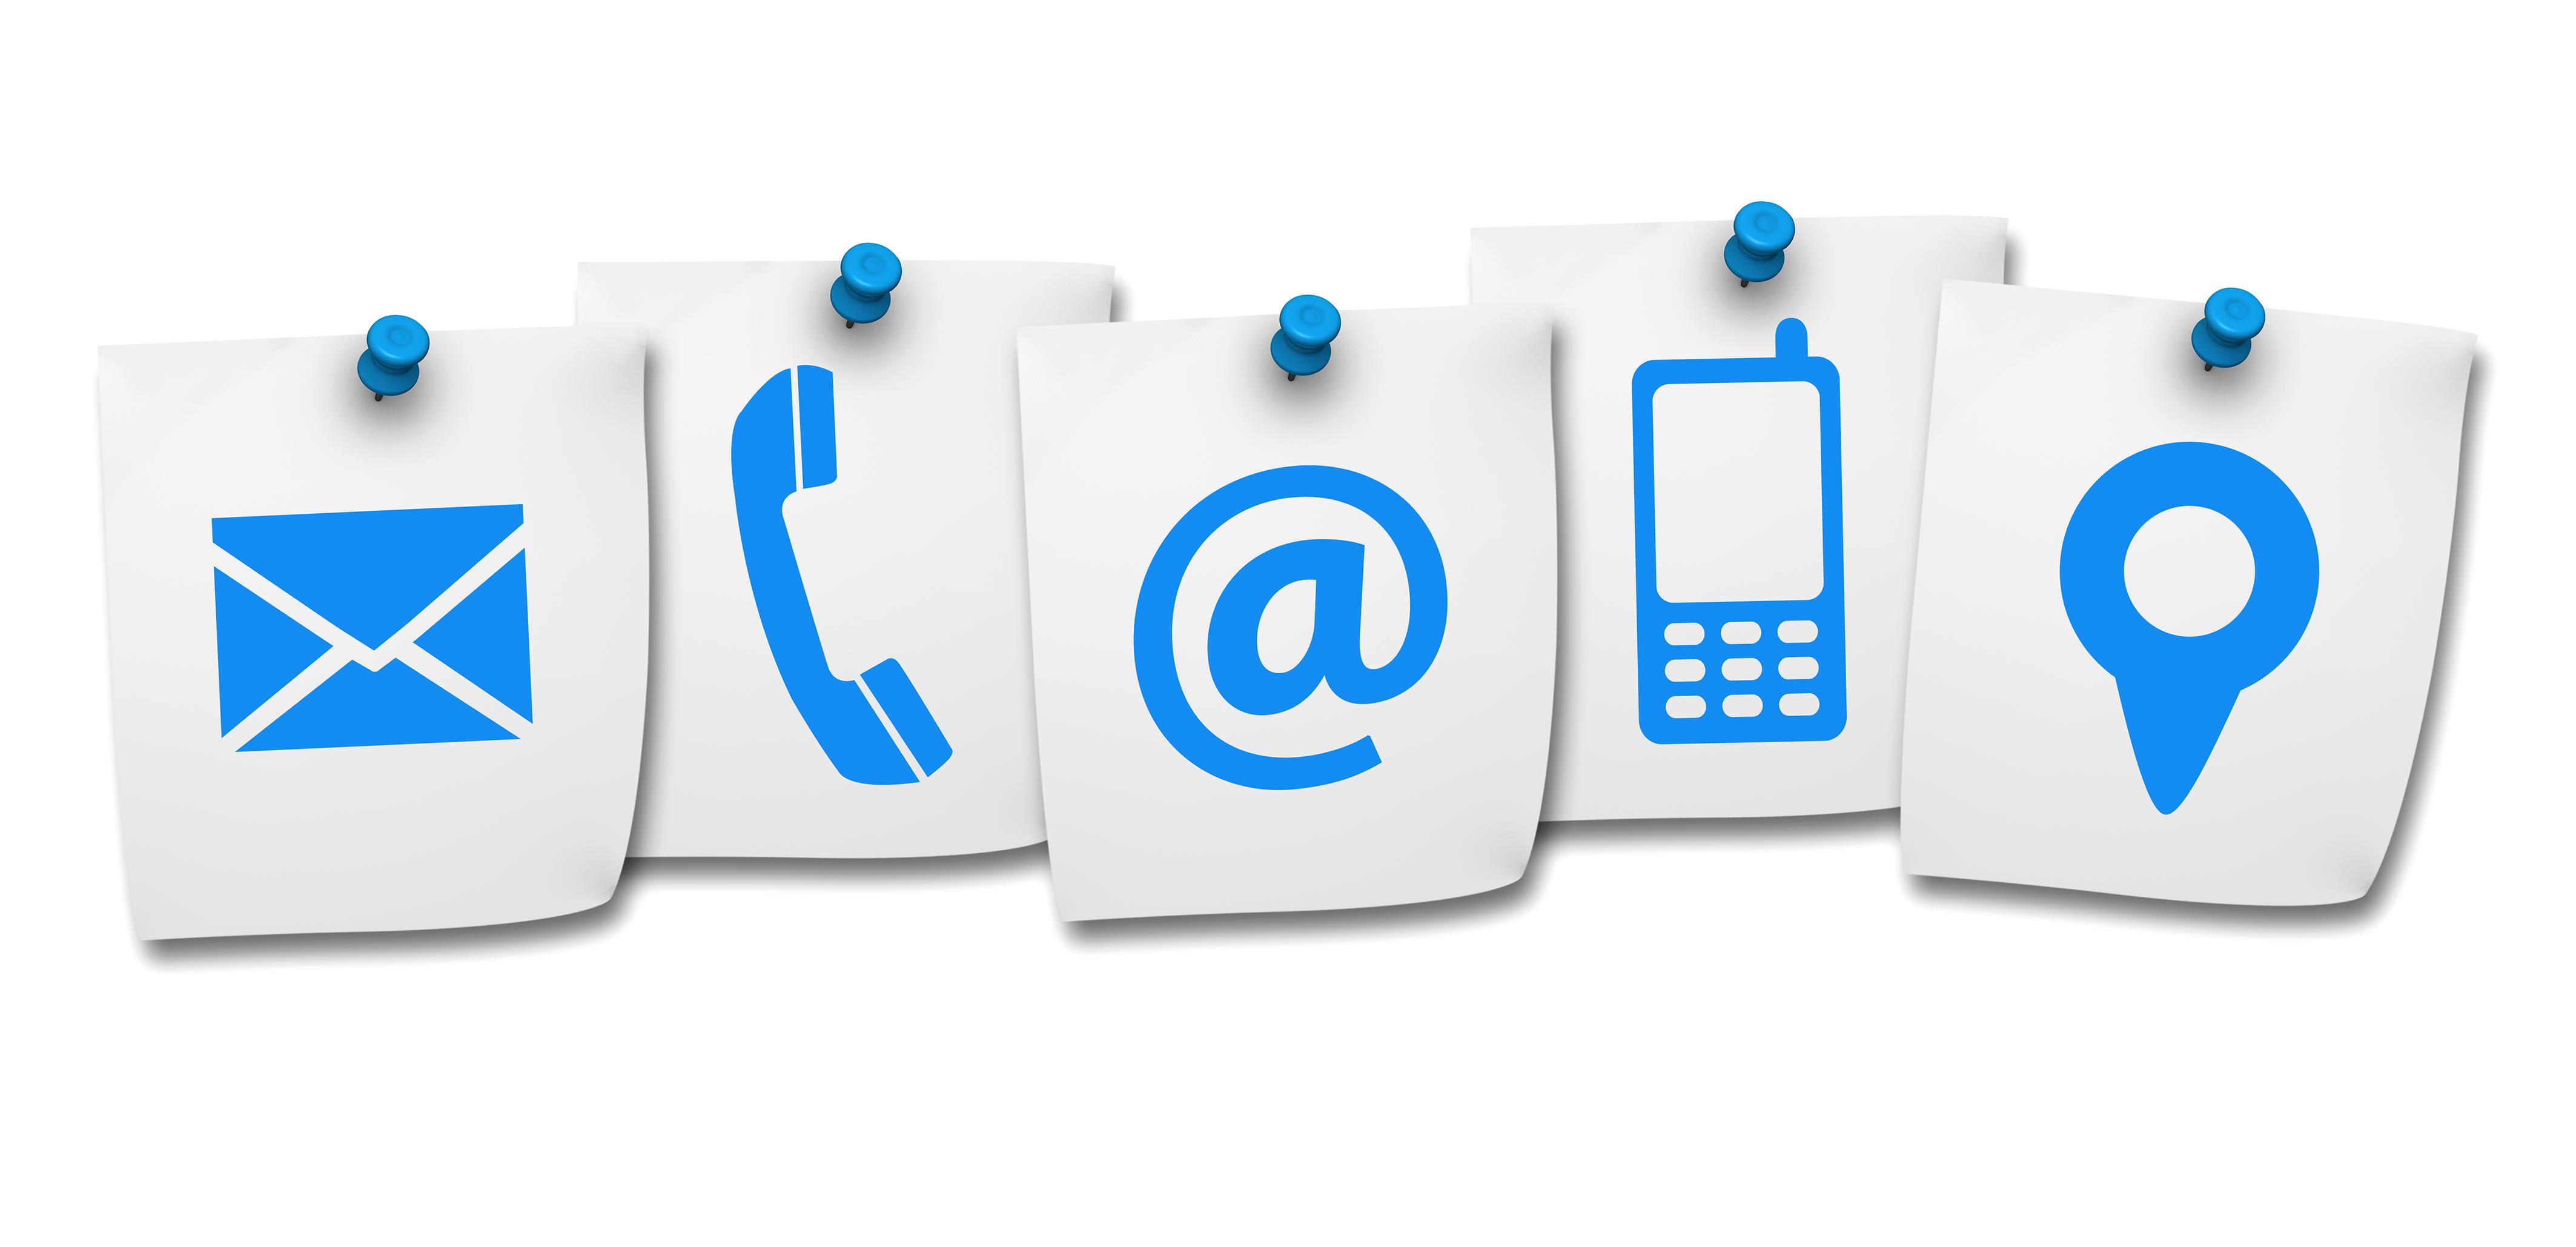 contact poverello rh poverello org contact paper contact paper